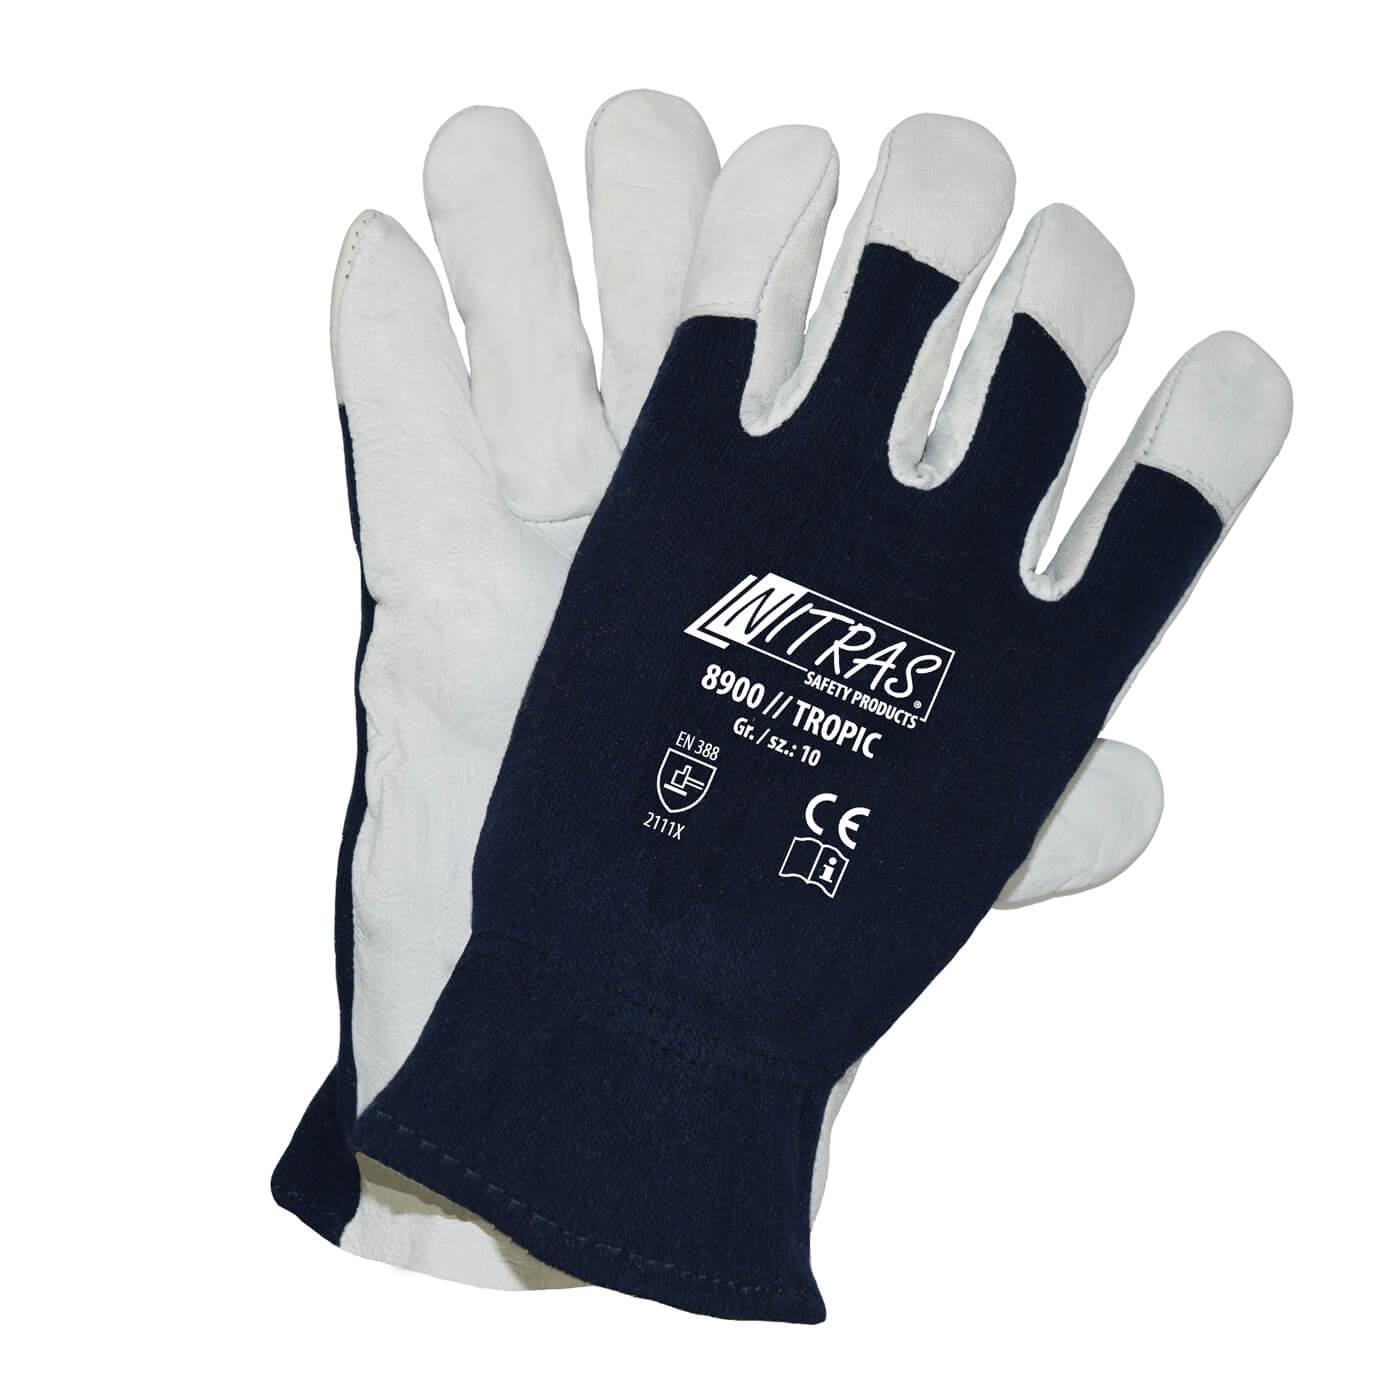 Rękawice mechaniczne Nitras 8900/ TROPIC